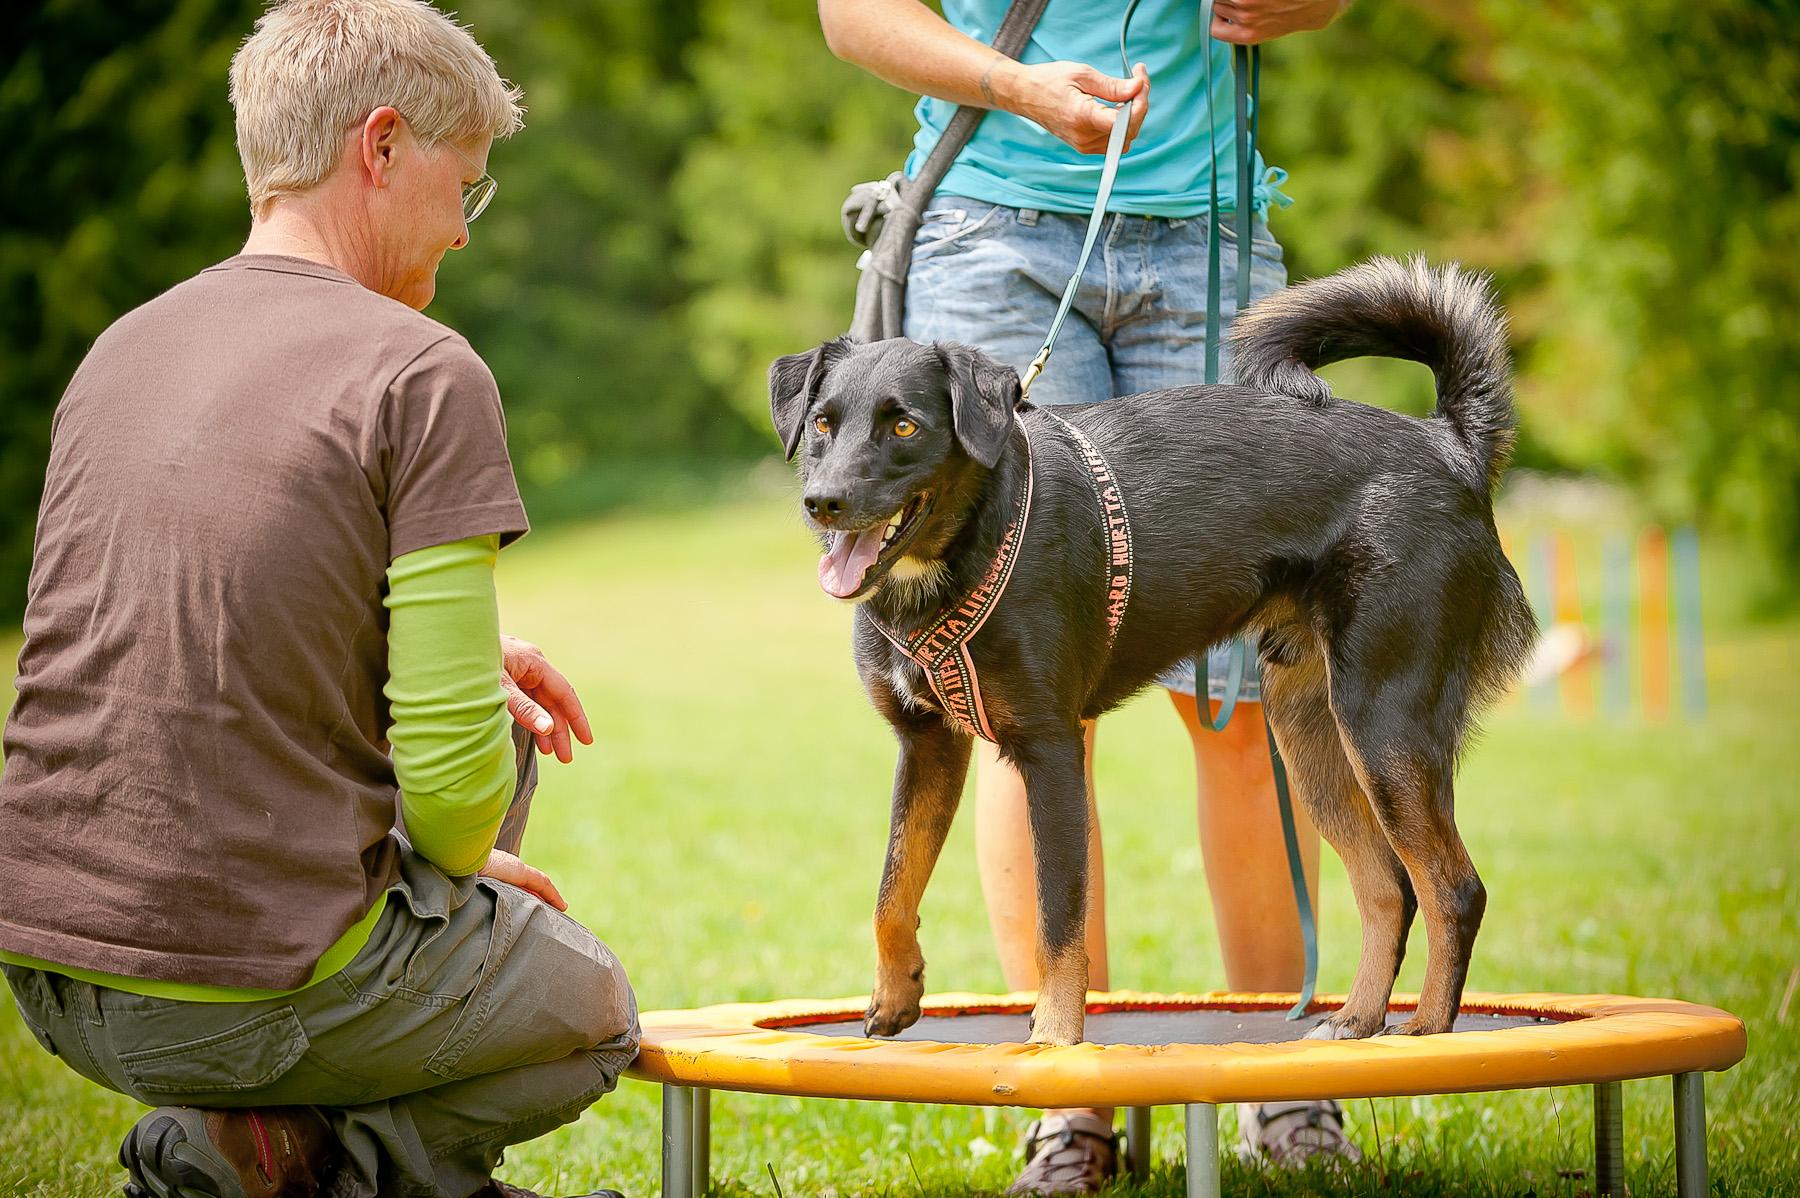 Die Tierarztpraxis Grath bietet auch eine Hundeschule an, bei der Sie an der Hundeuni teilnehmen können